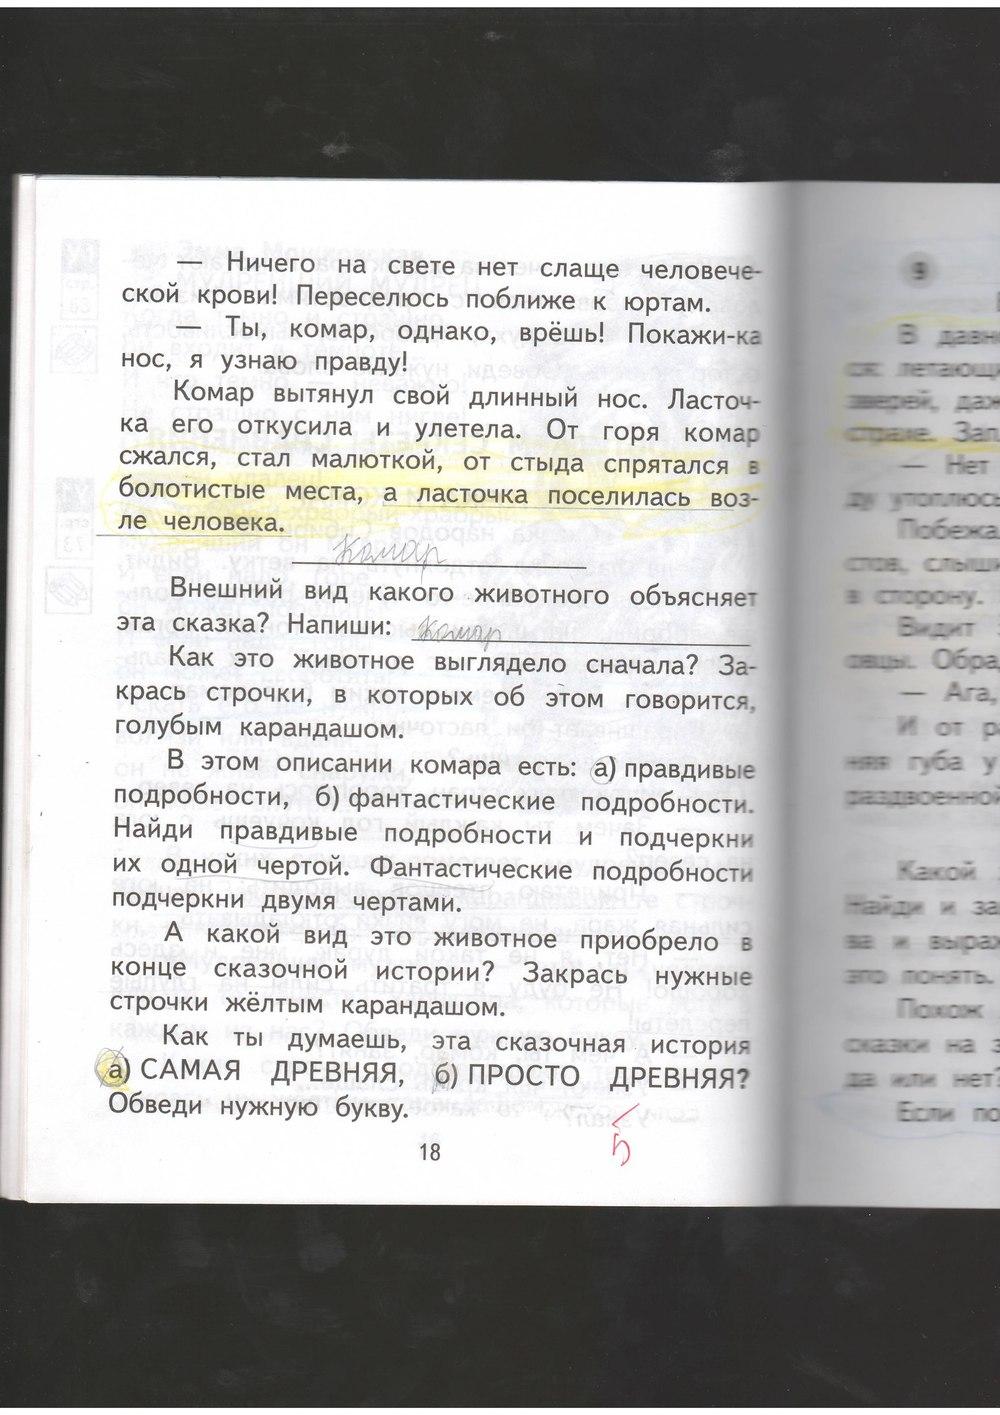 чтению литературному тетрадь ответы класс по 3 гдз малаховская